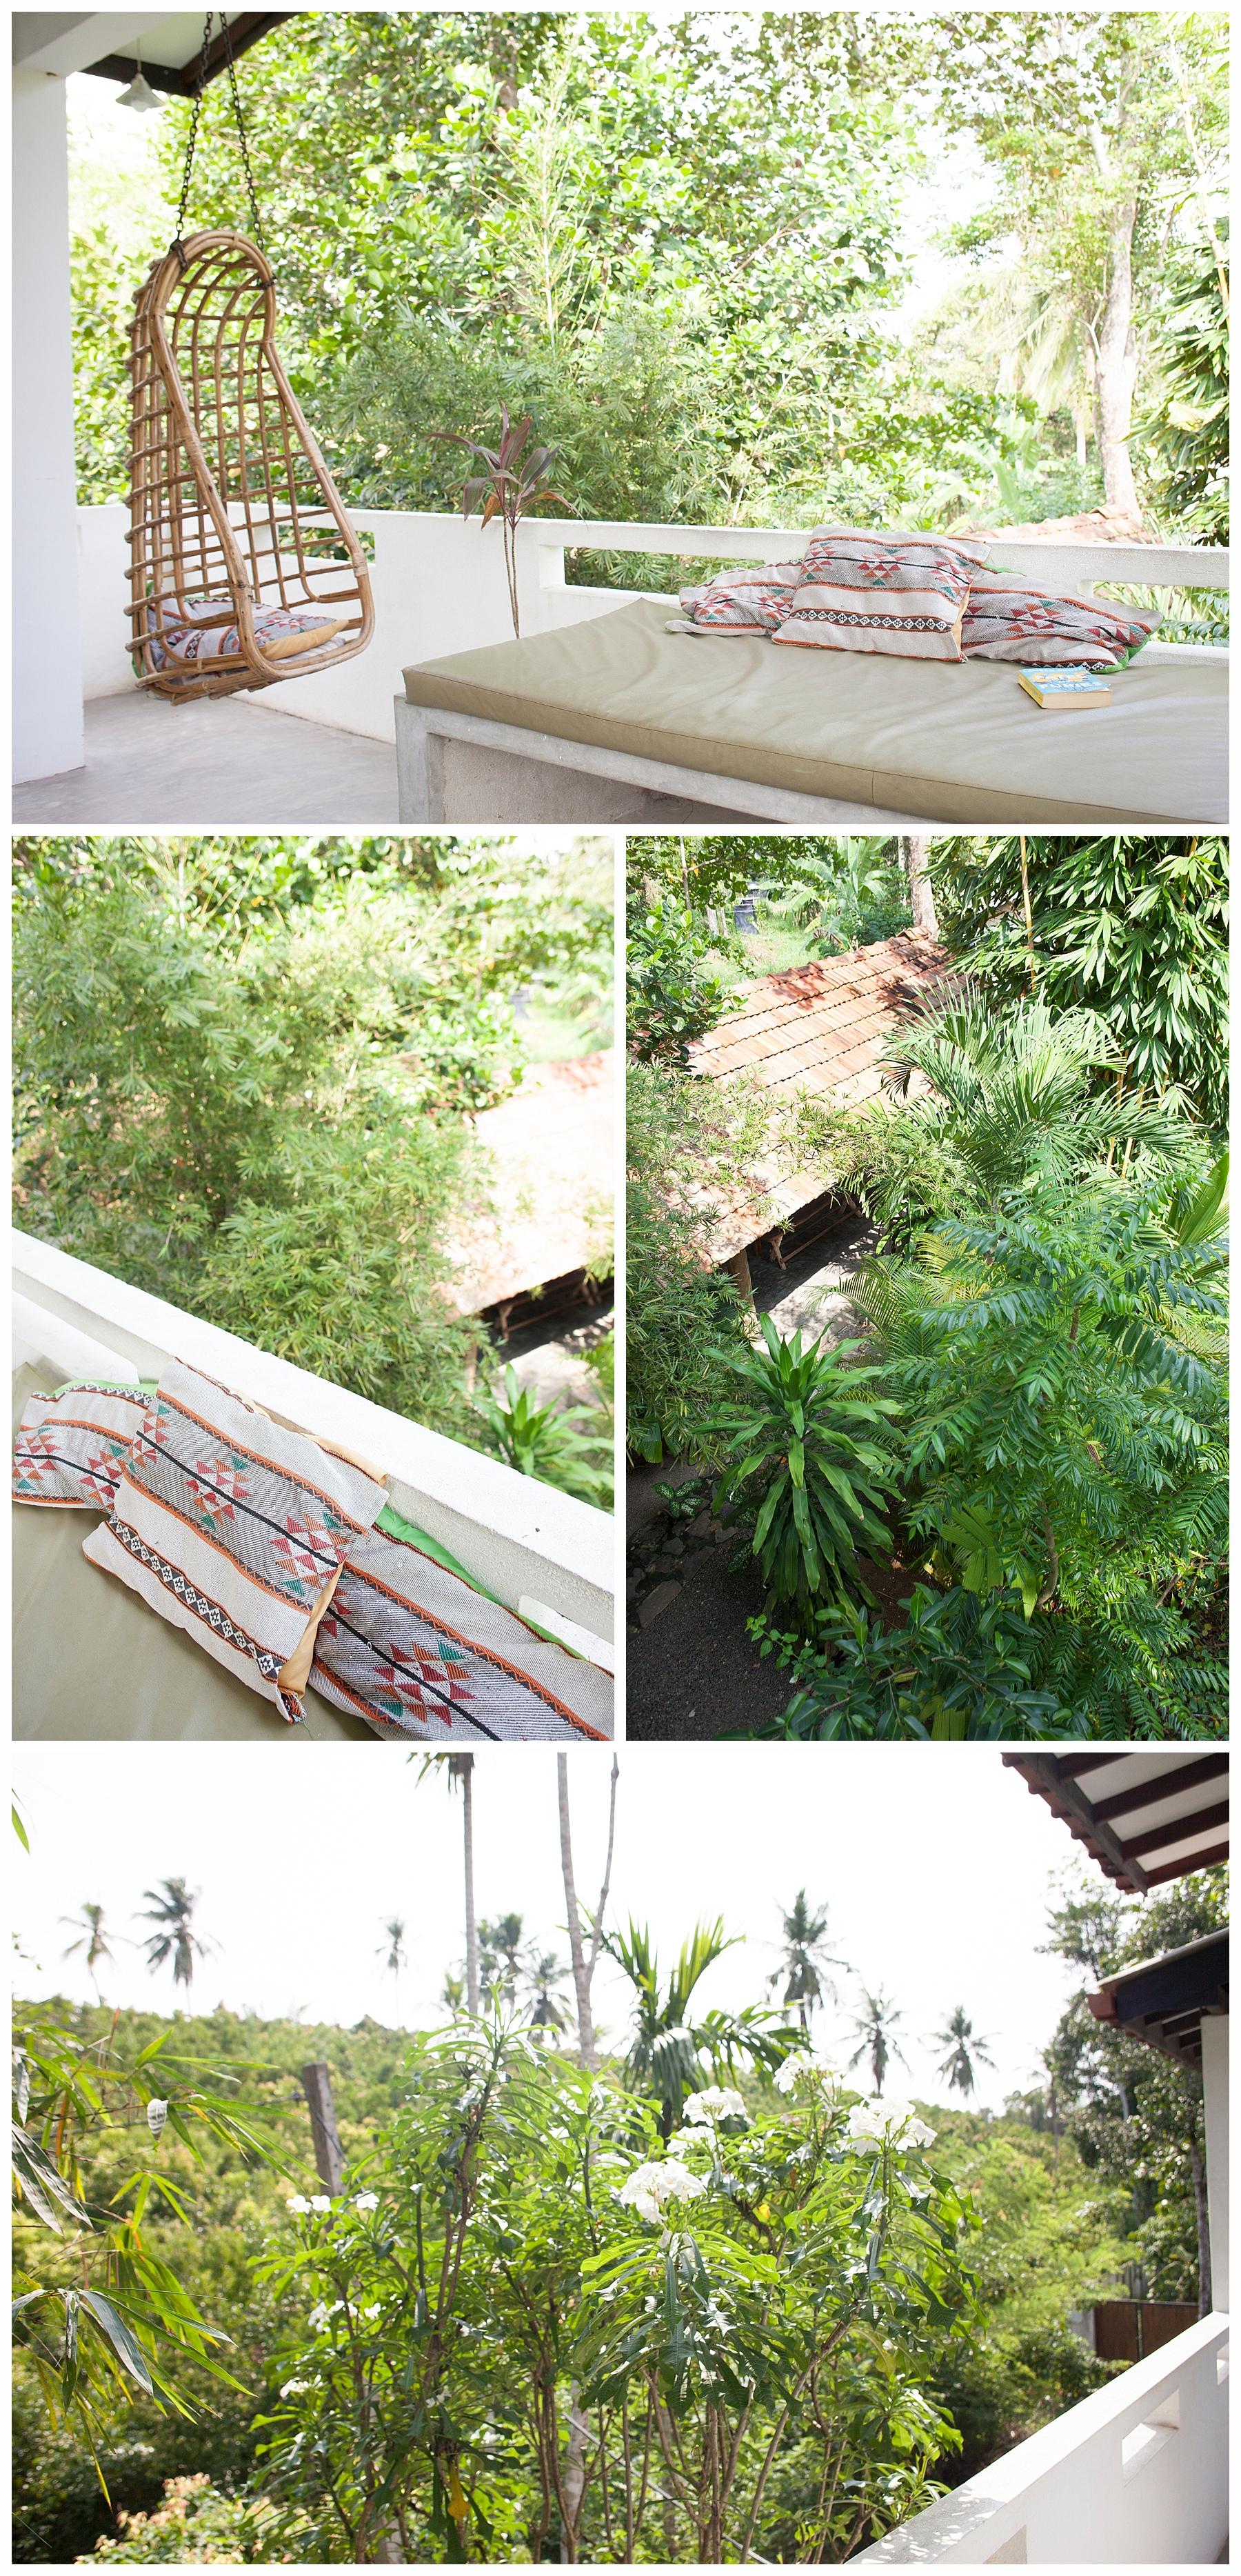 kurundu apartment balcony